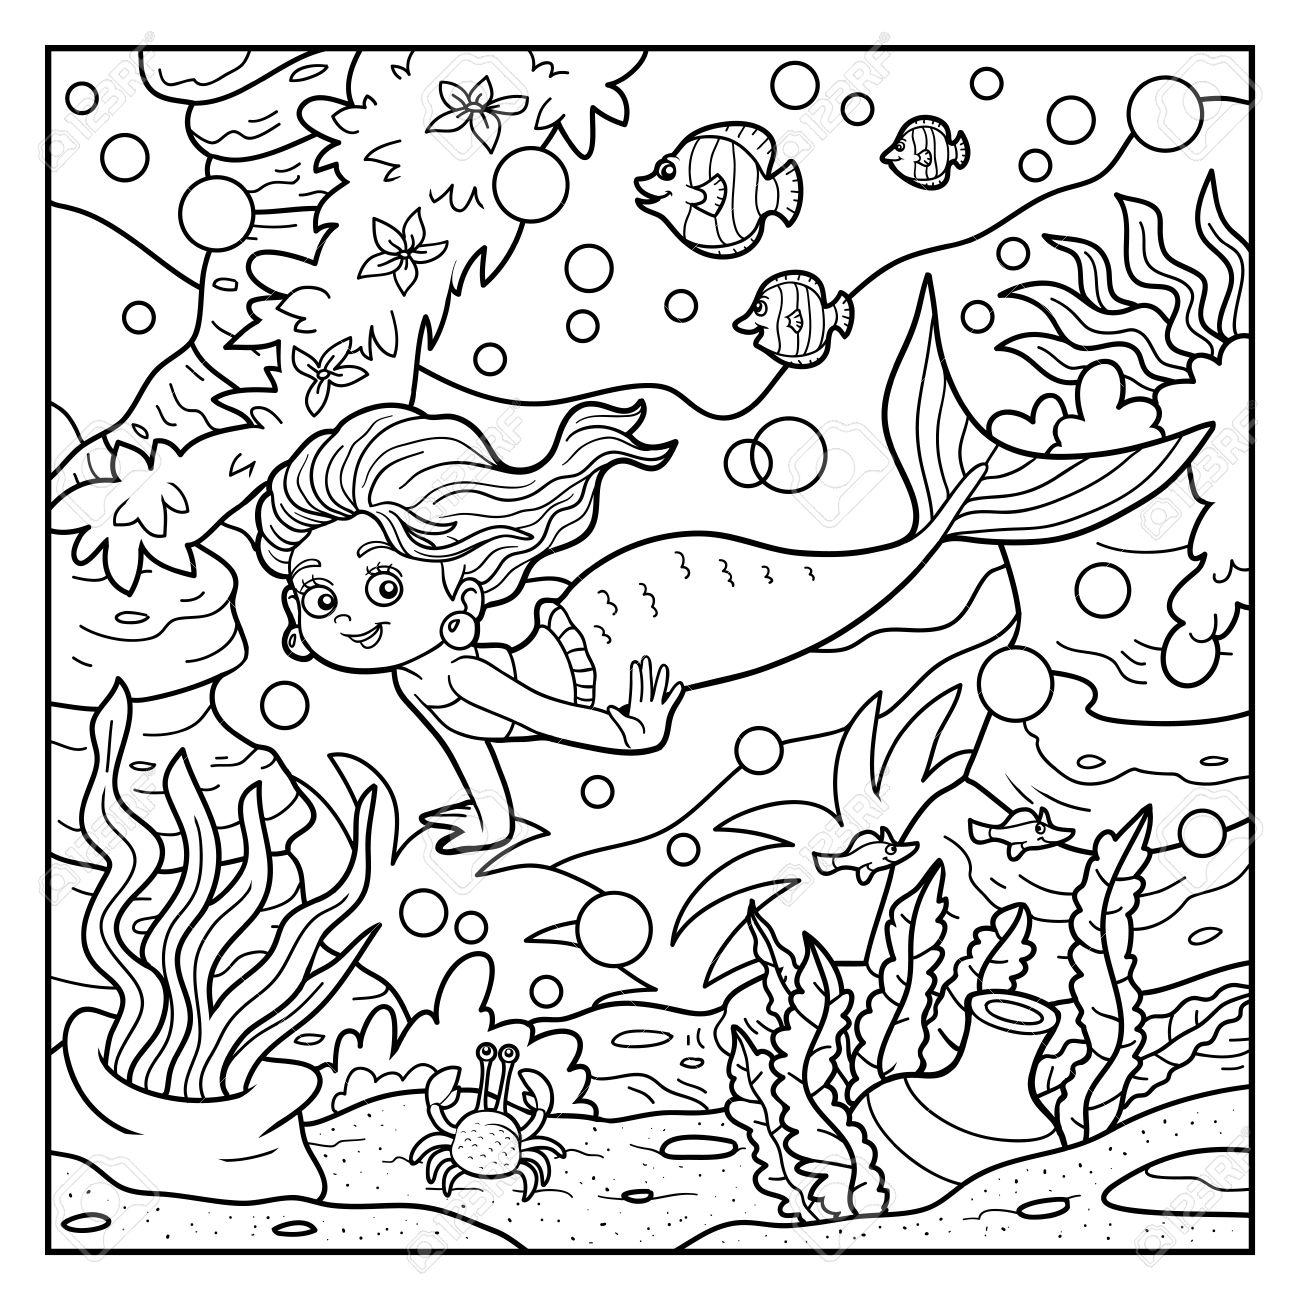 Libro Para Colorear Para Niños: Sirenita Y El Mundo Del Mar ...